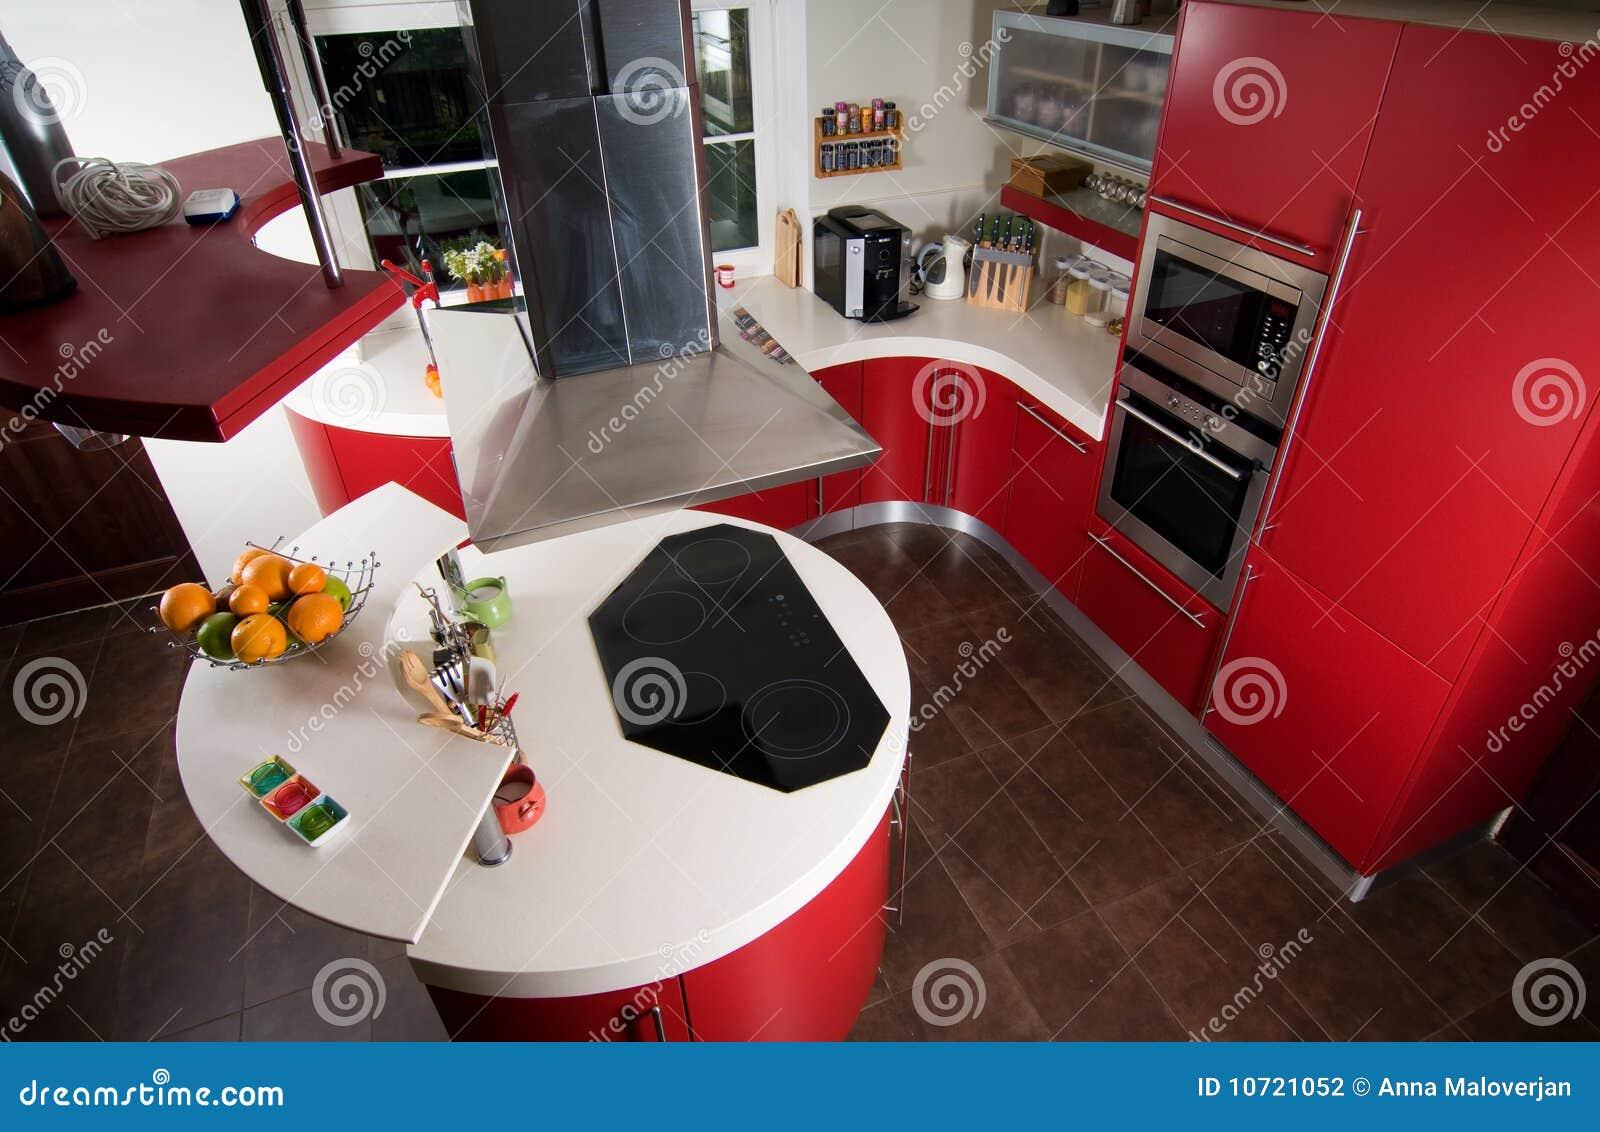 Cucina moderna rossa fotografia stock immagine di ceramic - Cucina moderna rossa ...